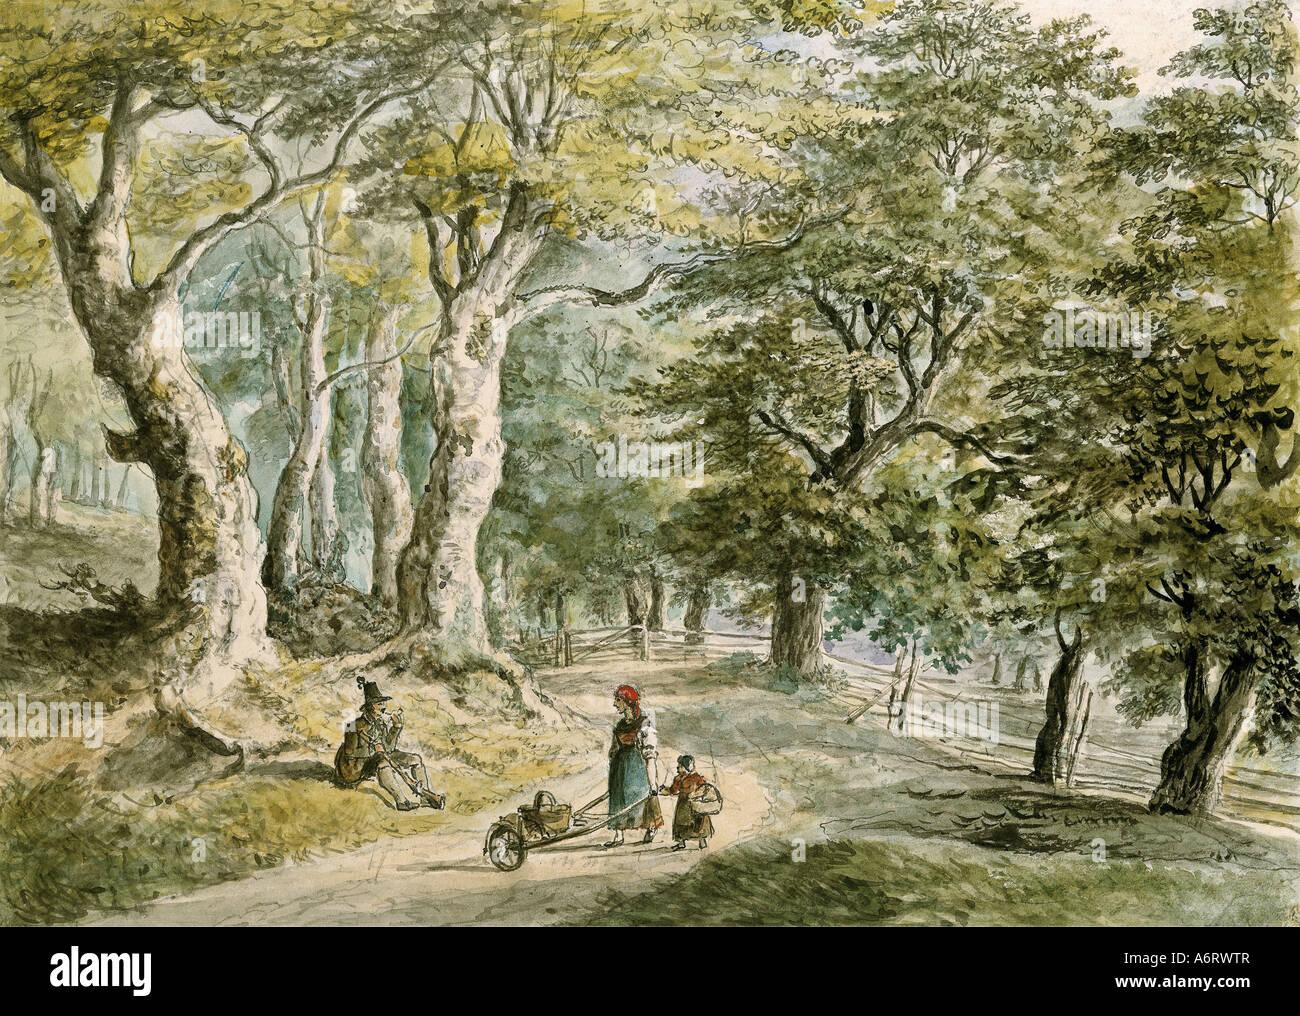 Bildende Kunst, Dorner, Johann Jakob, der jüngere (1775-1852), Forrest in der Nähe von Dietramszell, Aquarell, 21, Stockfoto